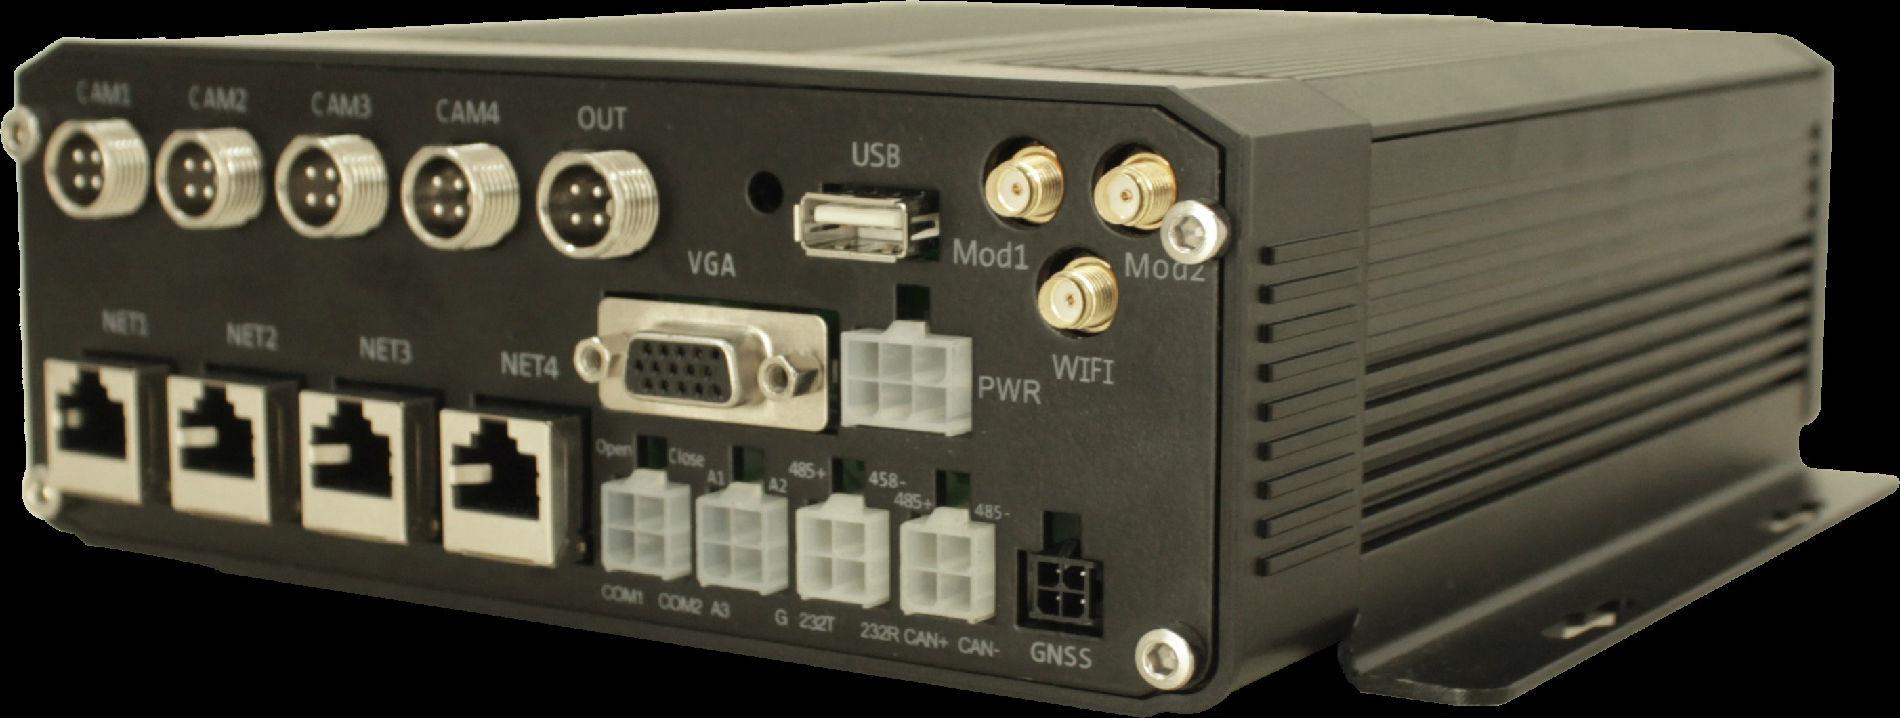 智能高清网络车载硬盘录像机